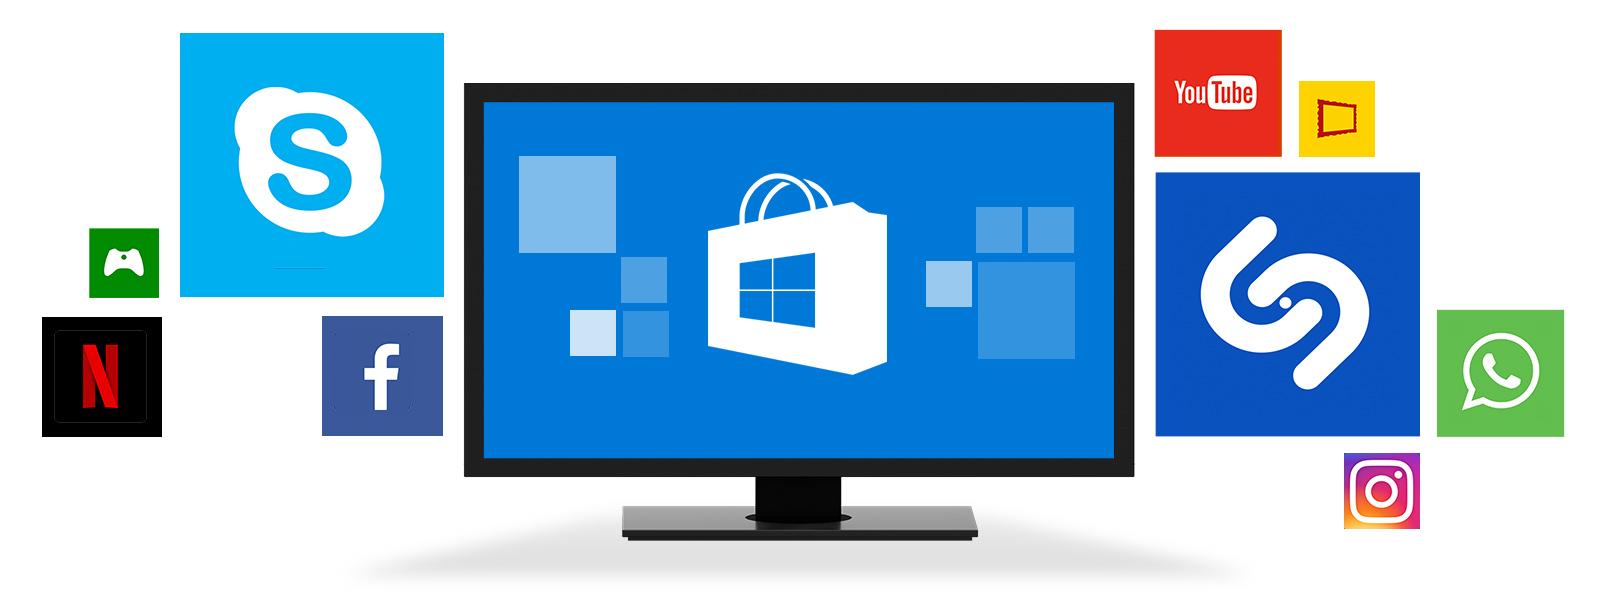 Urządzenie zsystemem Windows zkafelkami różnych aplikacji dookoła